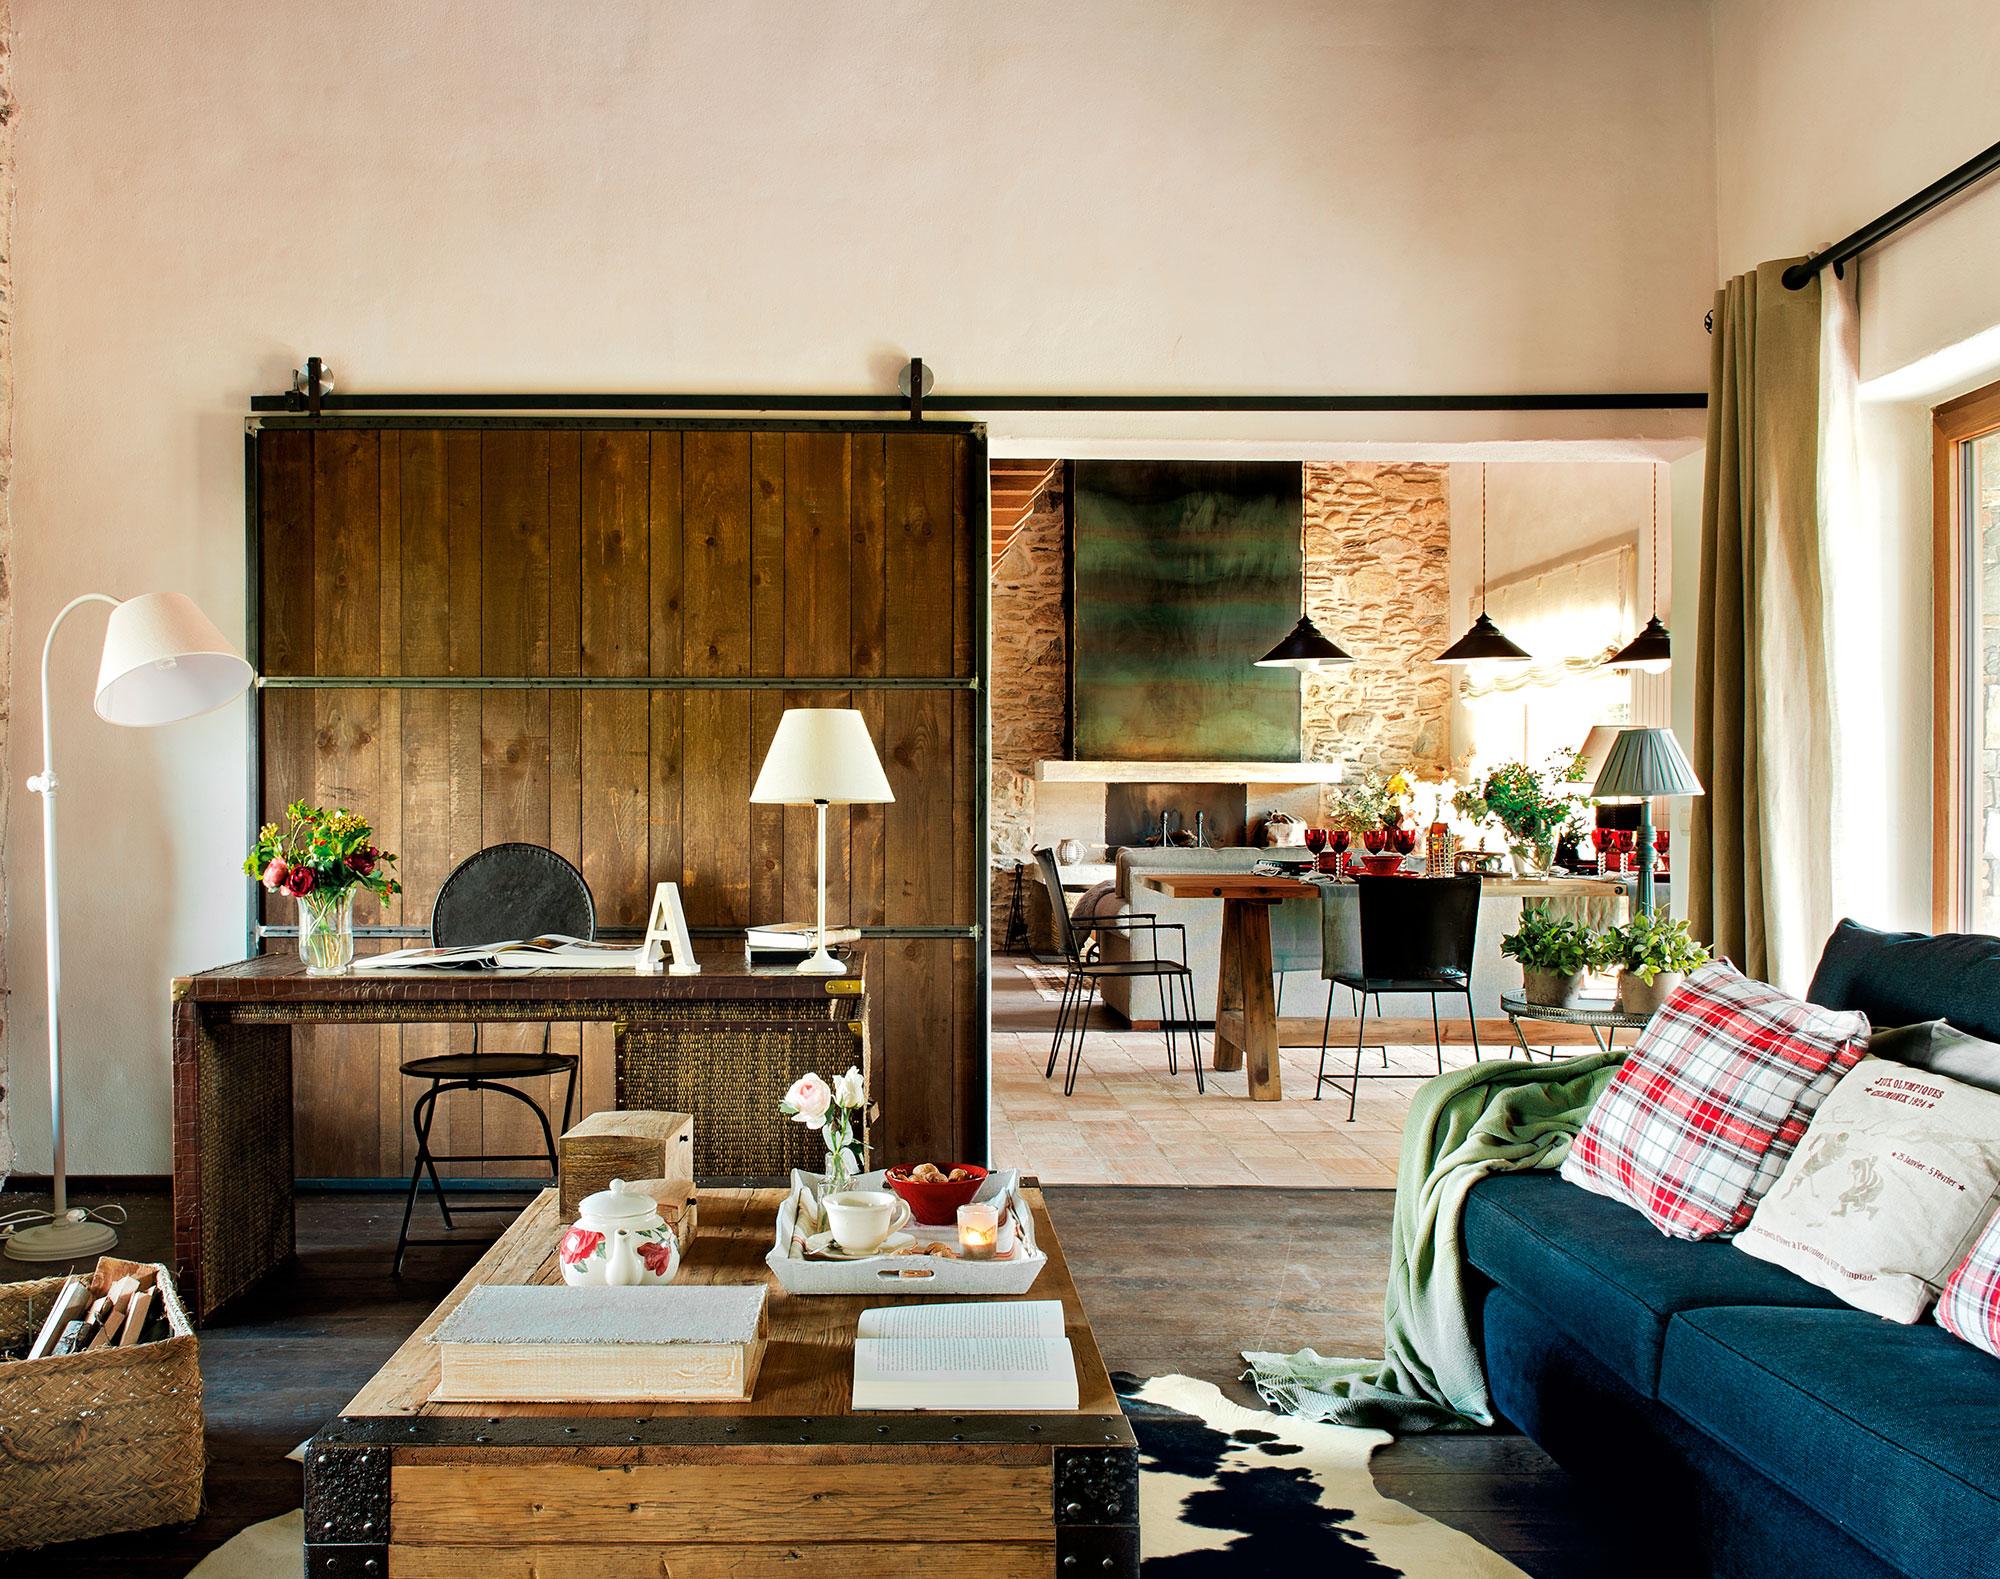 Instala una puerta corredera en casa y gana 1 5 m2 reales for Desarrollar una gran sala de estar